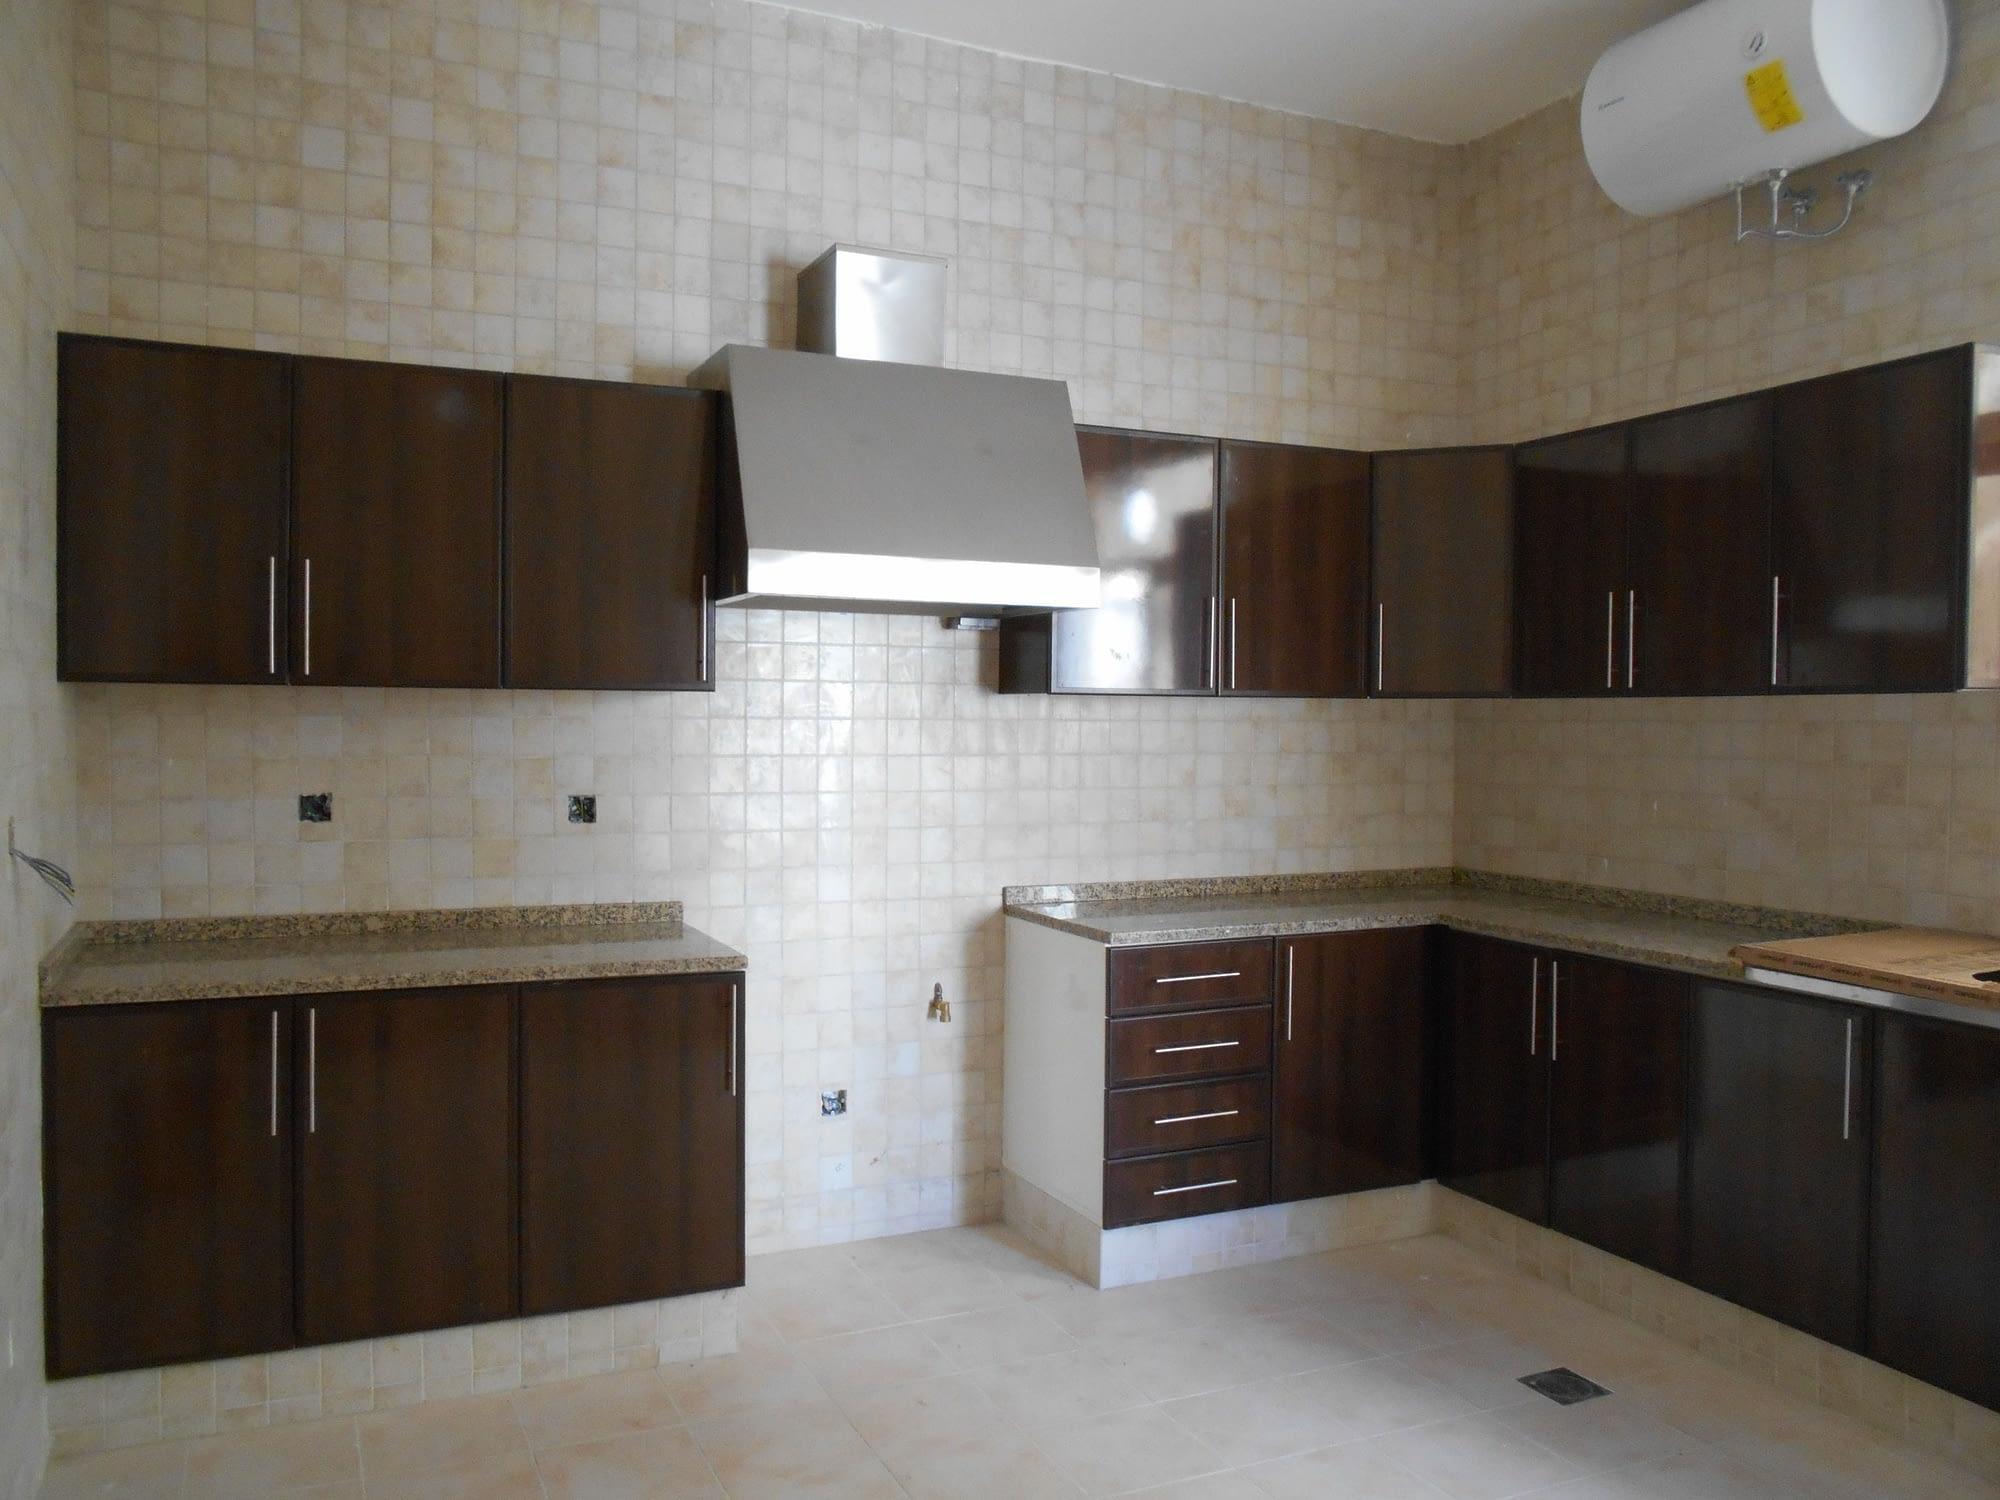 Aluminum Kitchen wooden Finish type: Alulight